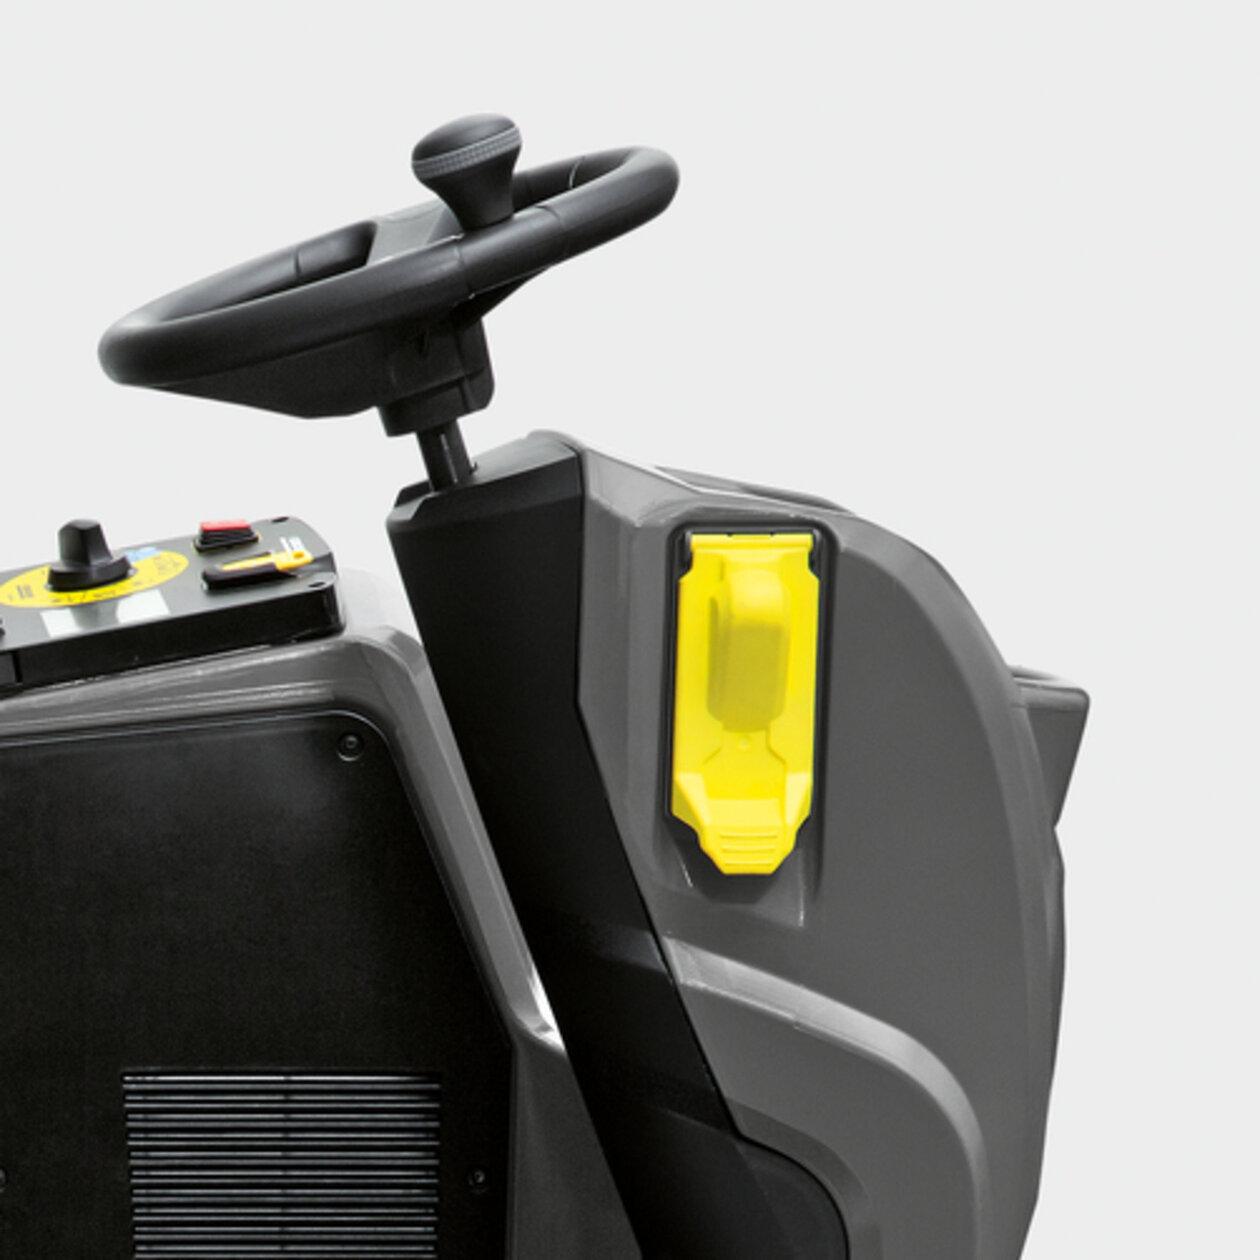 B 150 R + R 90: Automatisk fylling (Tilleggsfunksjonalitet)